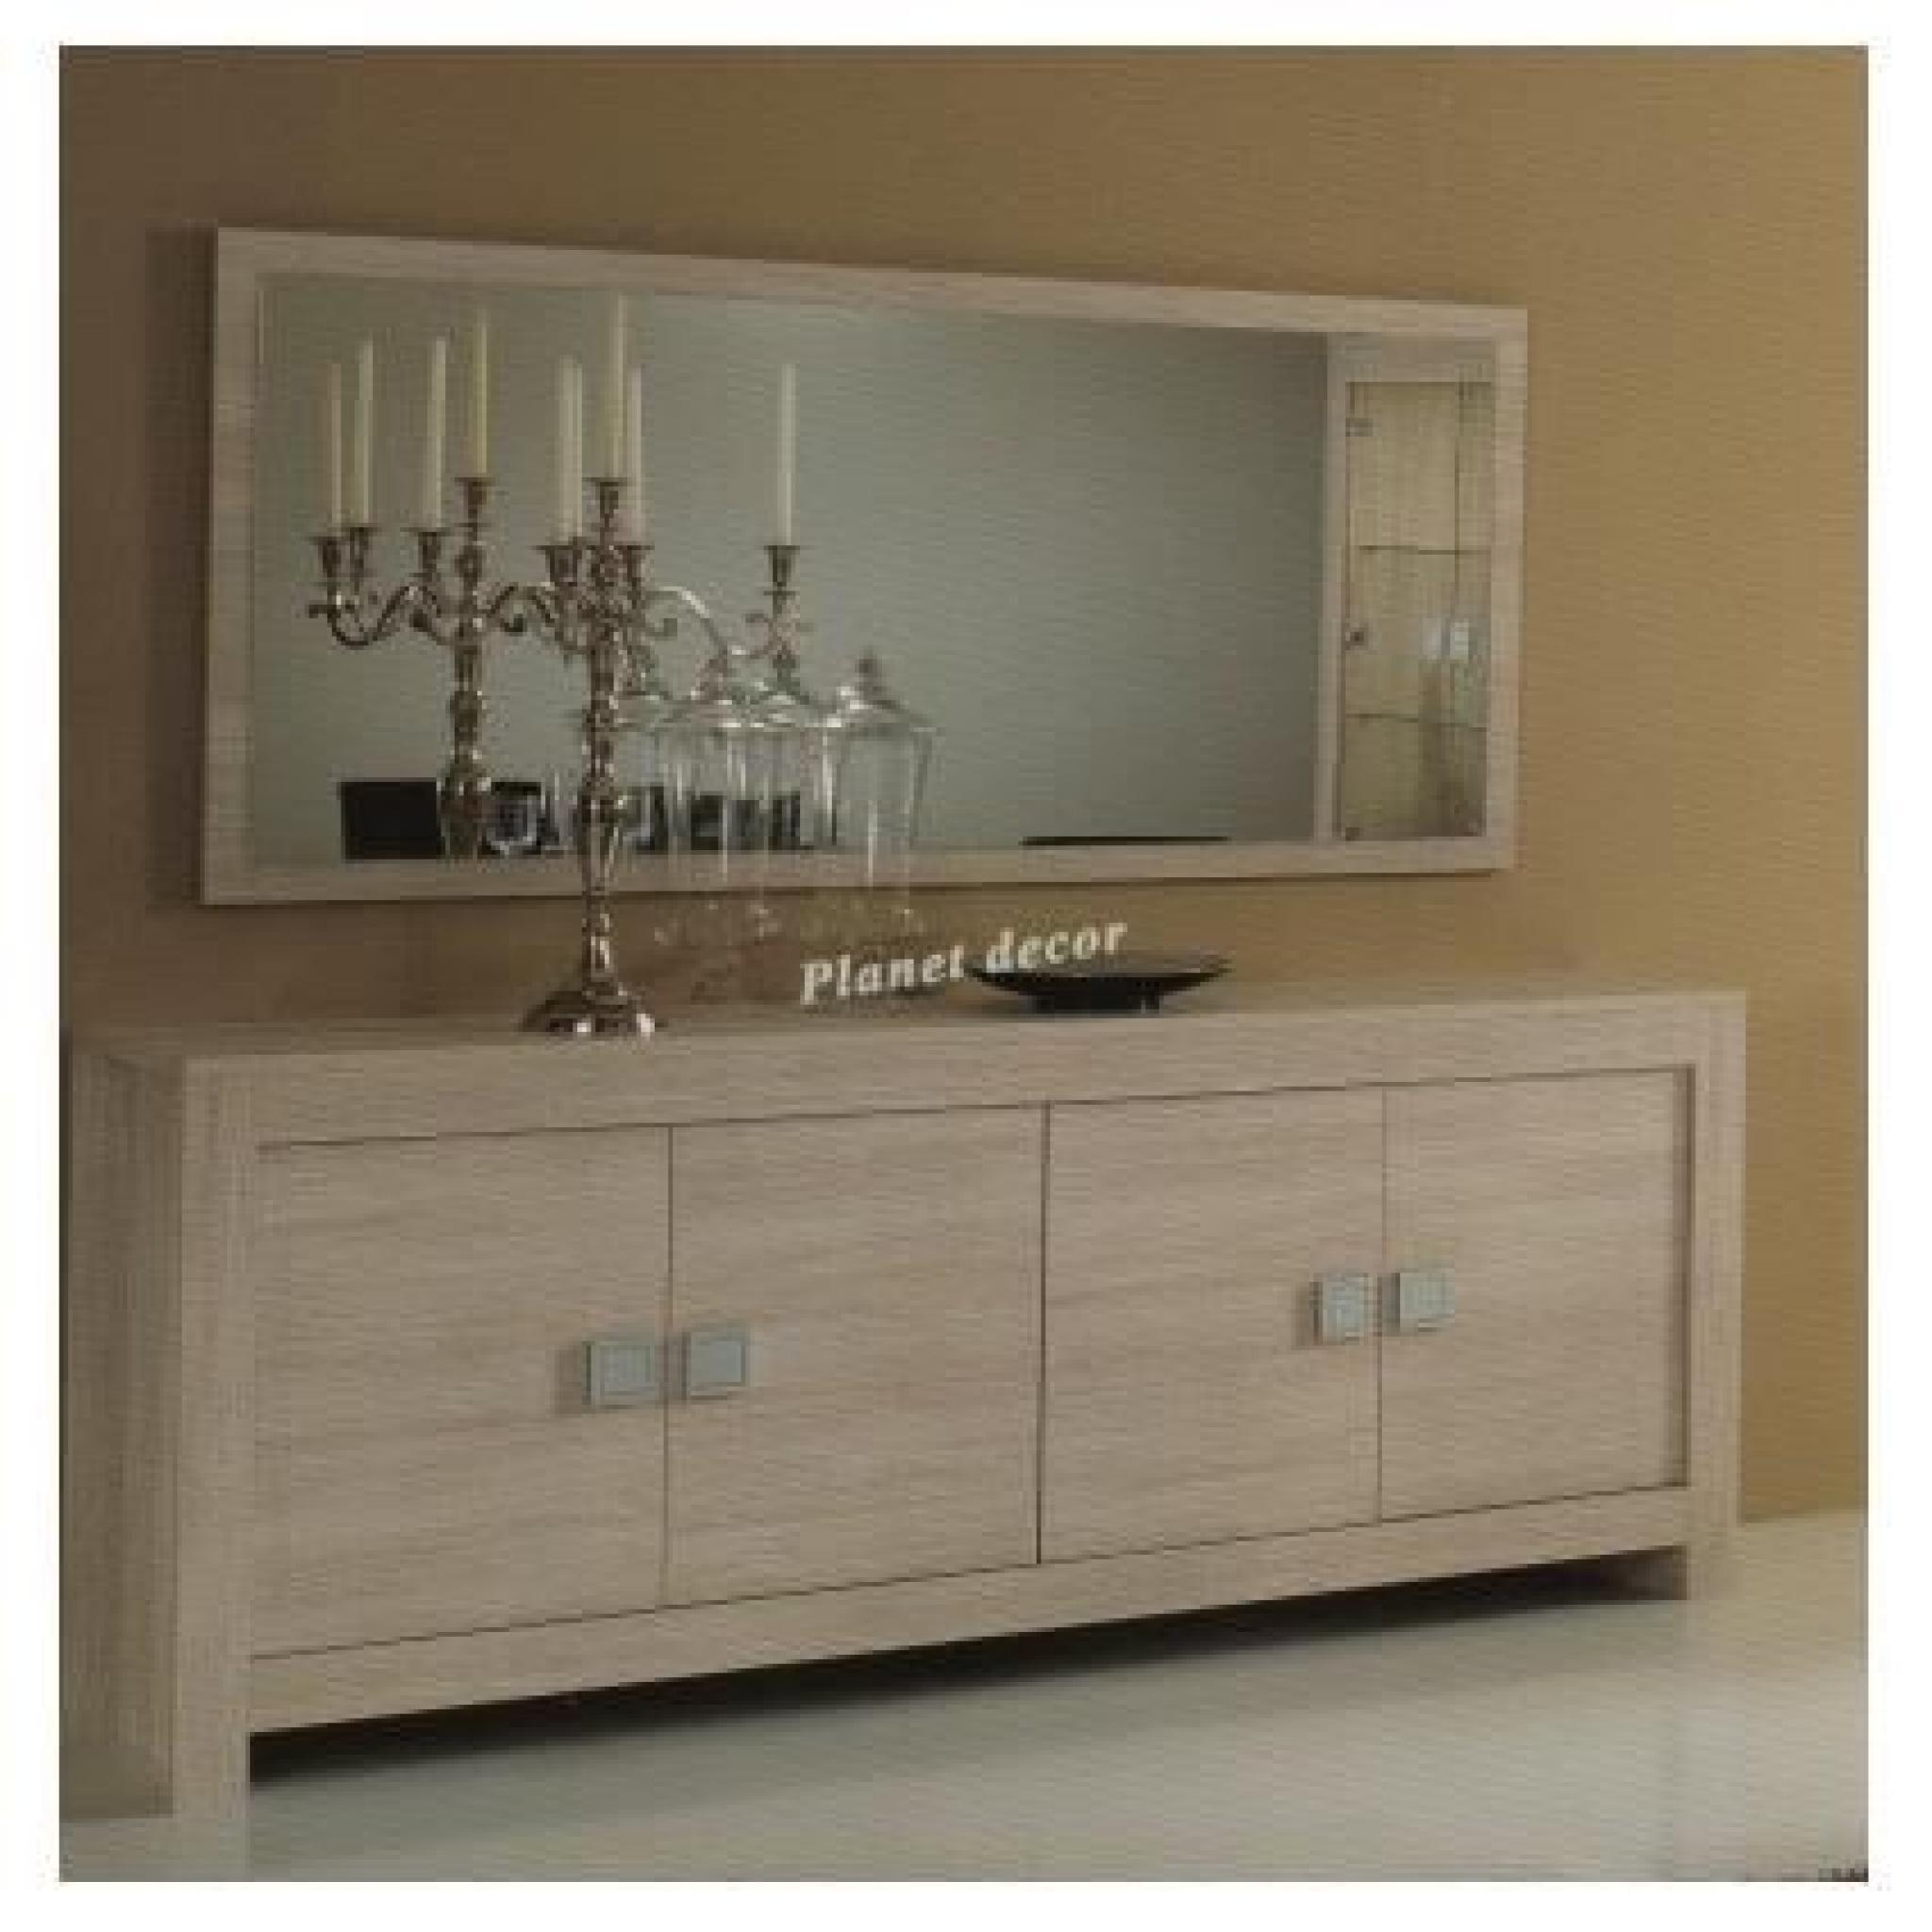 salle manger model pisa beige bahut 4 portes miroir 180 cm achat vente buffet pas cher. Black Bedroom Furniture Sets. Home Design Ideas